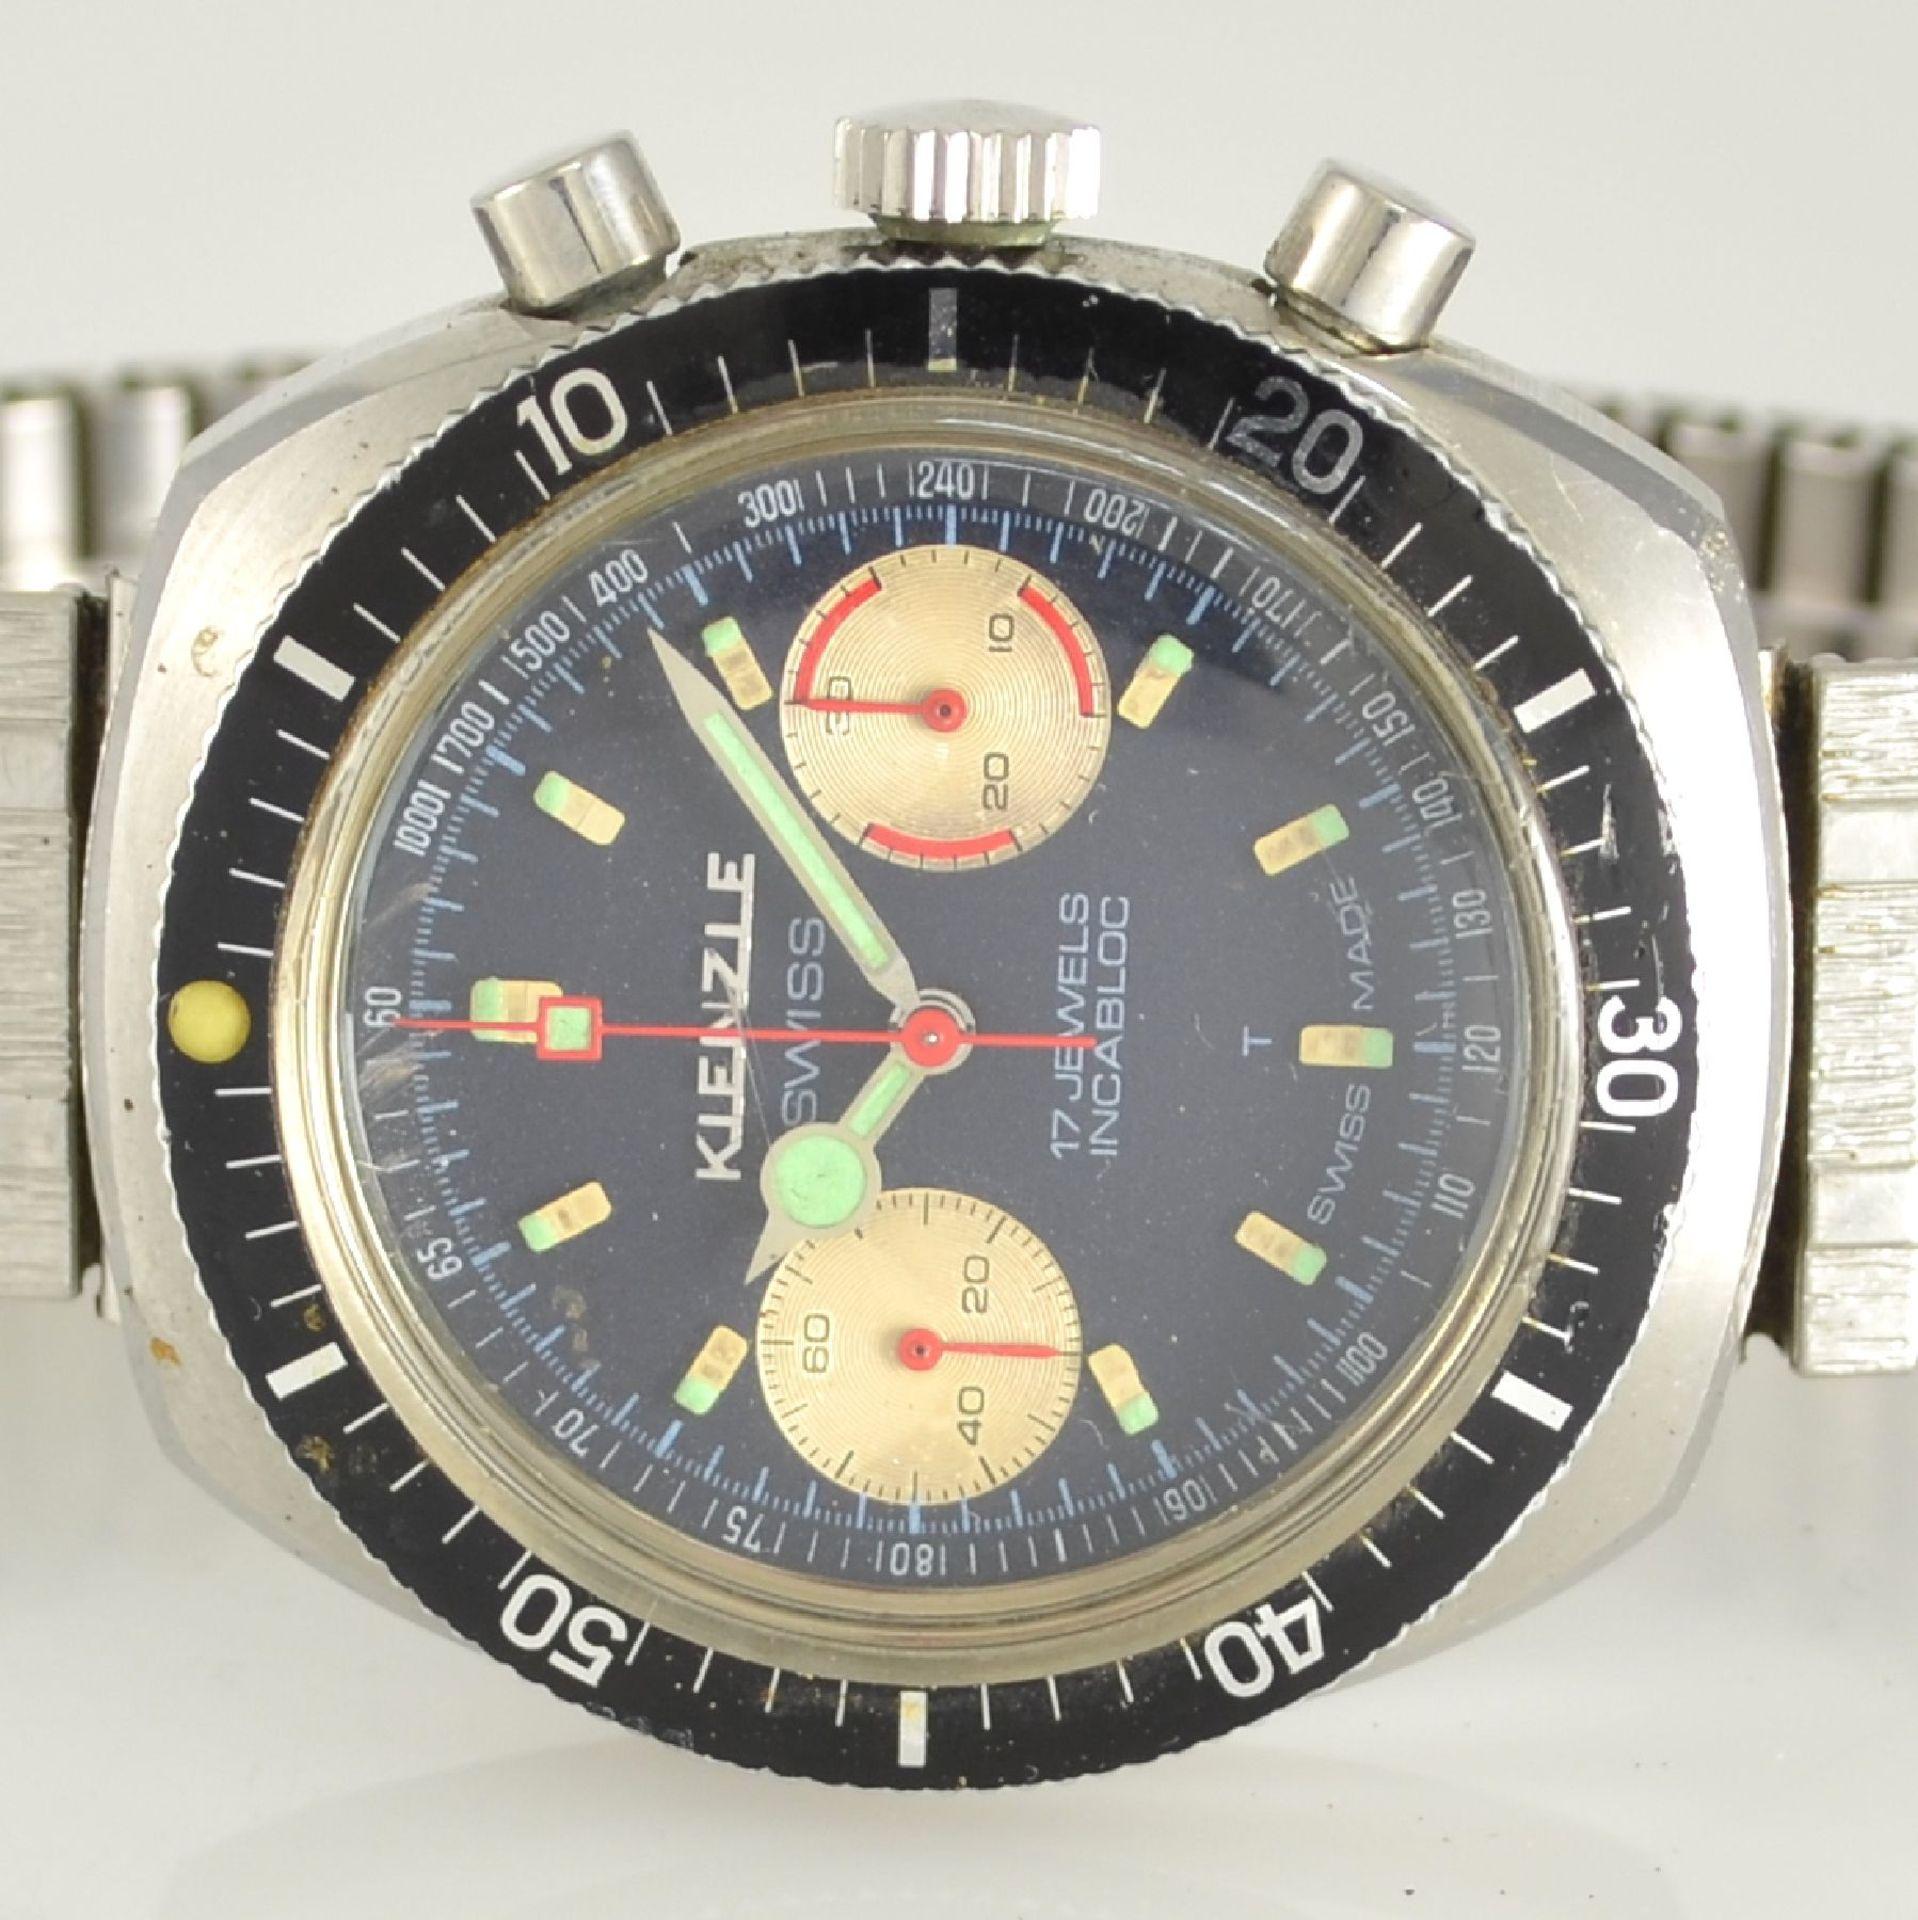 KIENZLE Armbandchronograph, Handaufzug, Schweiz/Deutschland um 1968, Ref. 1006-10, Edelstahlgeh. - Bild 2 aus 5